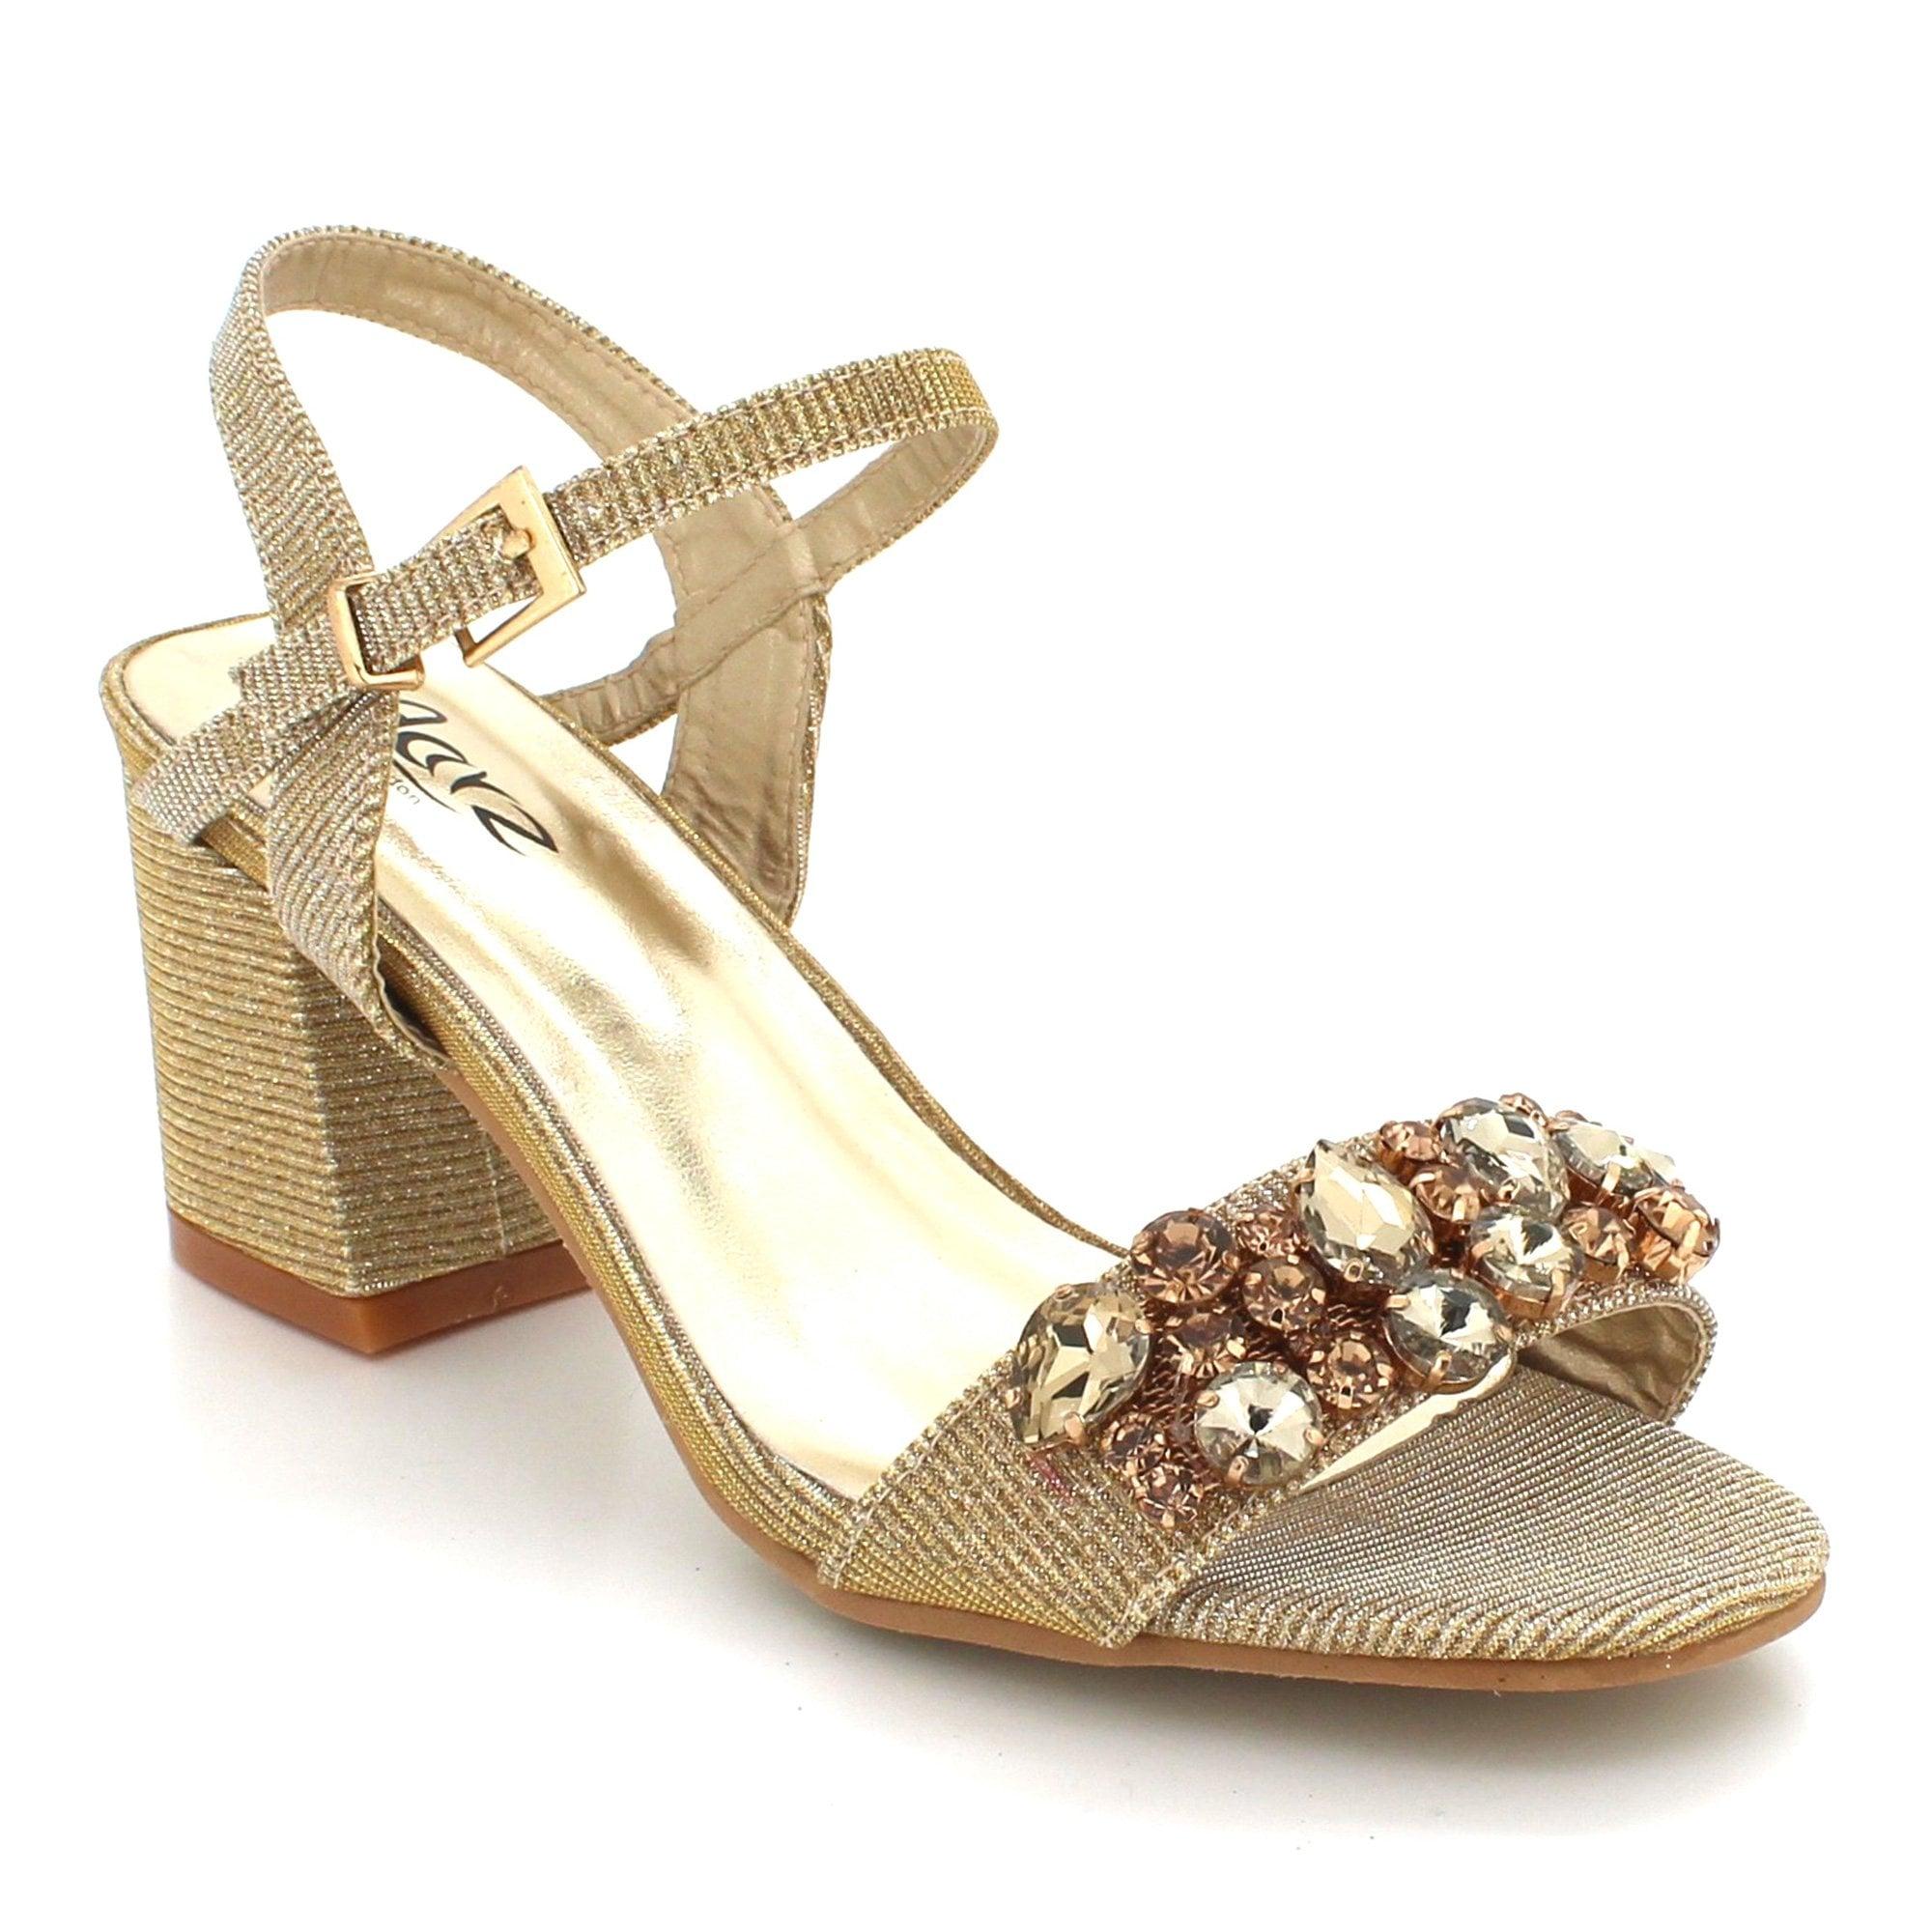 951de4afd70 Kathy- Sparkly Stones Sandals